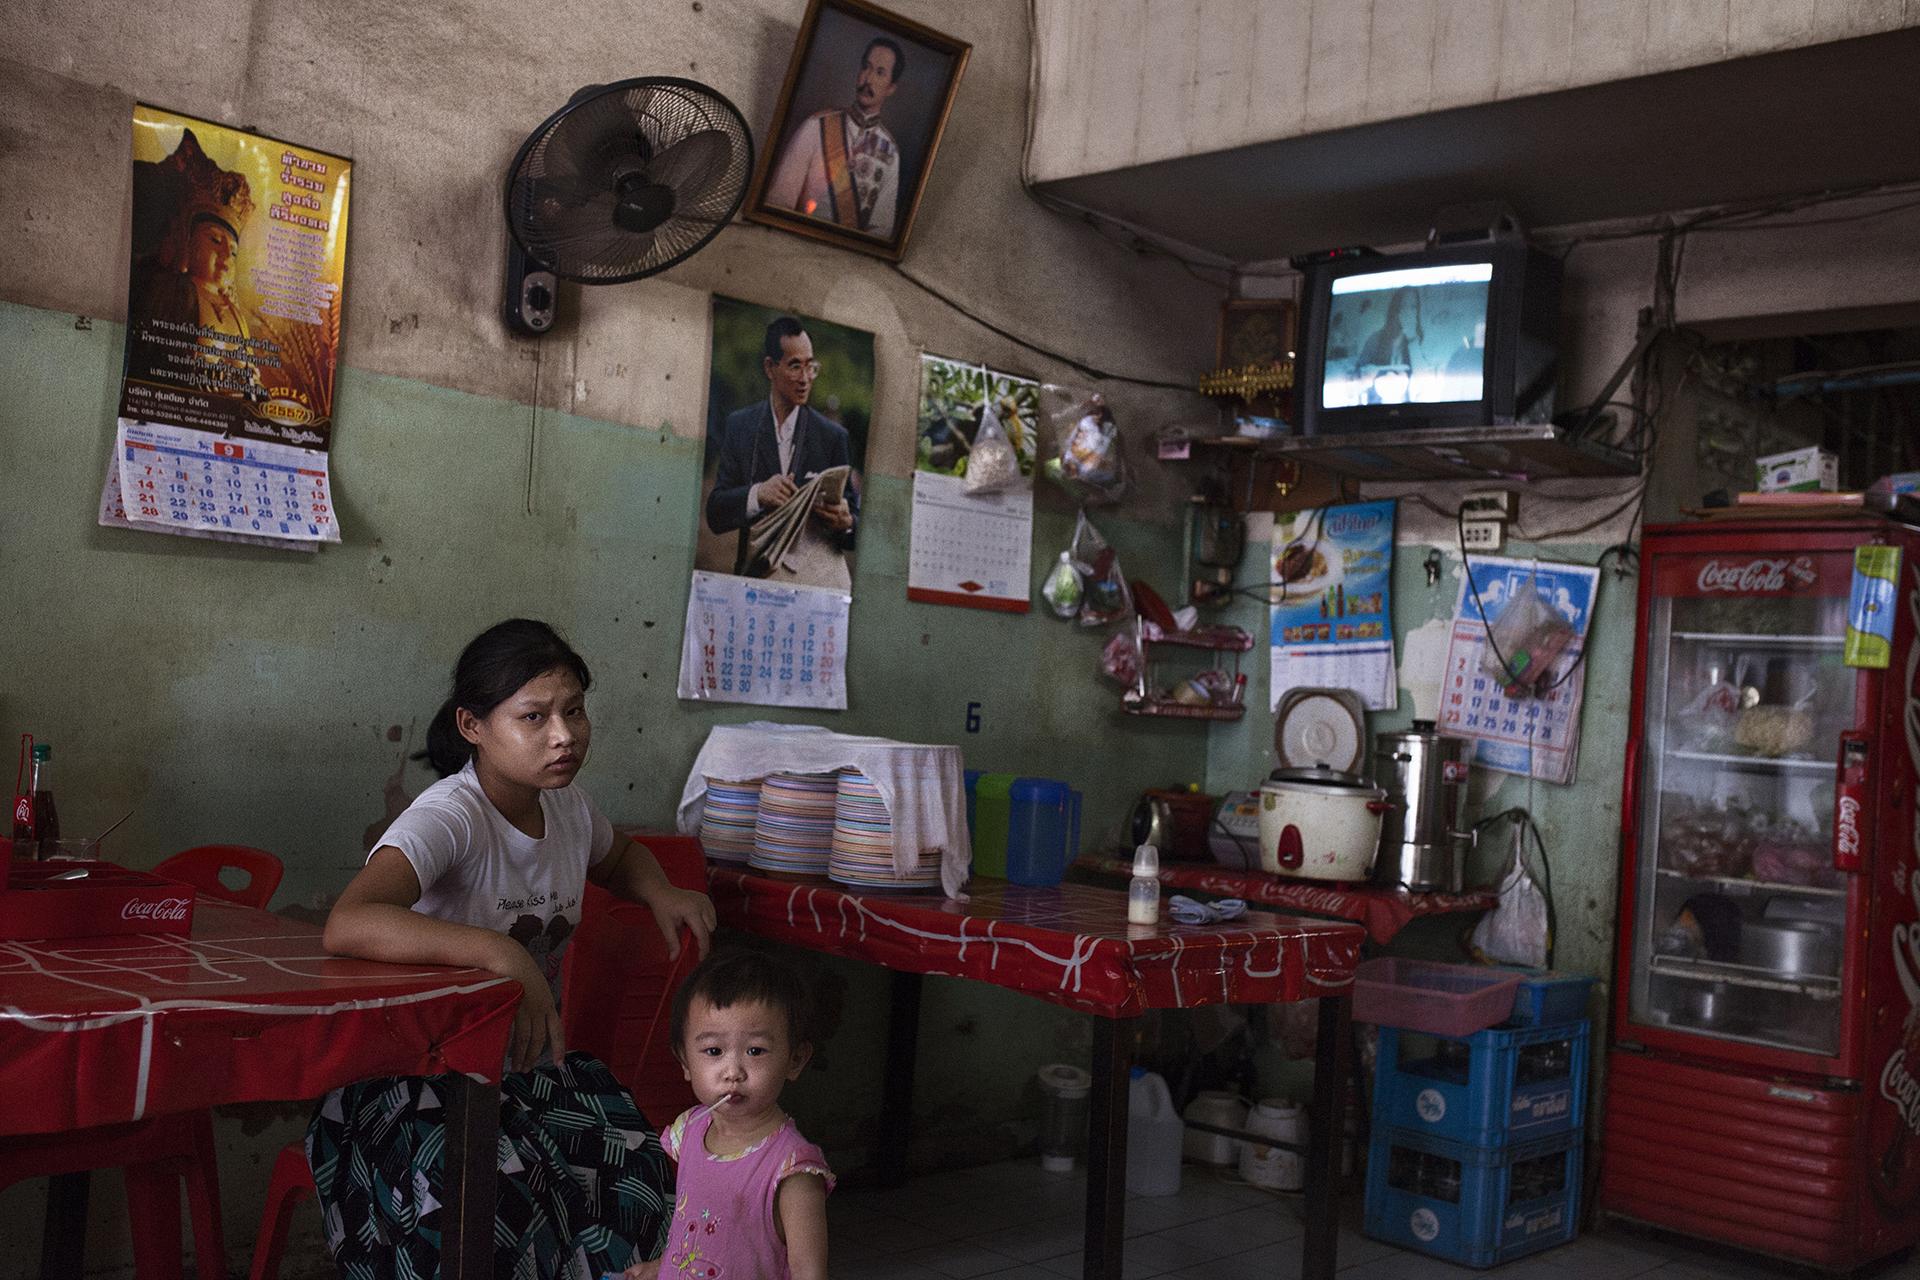 Une jeune fille birmane employée par une famille de Thaïlandais dans un restaurant du centre ville. Les jeunes filles servent souvent de domestiques dans les foyers ou restaurants thaïlandais.Mae Sot, Thaïlande, septembre 2014